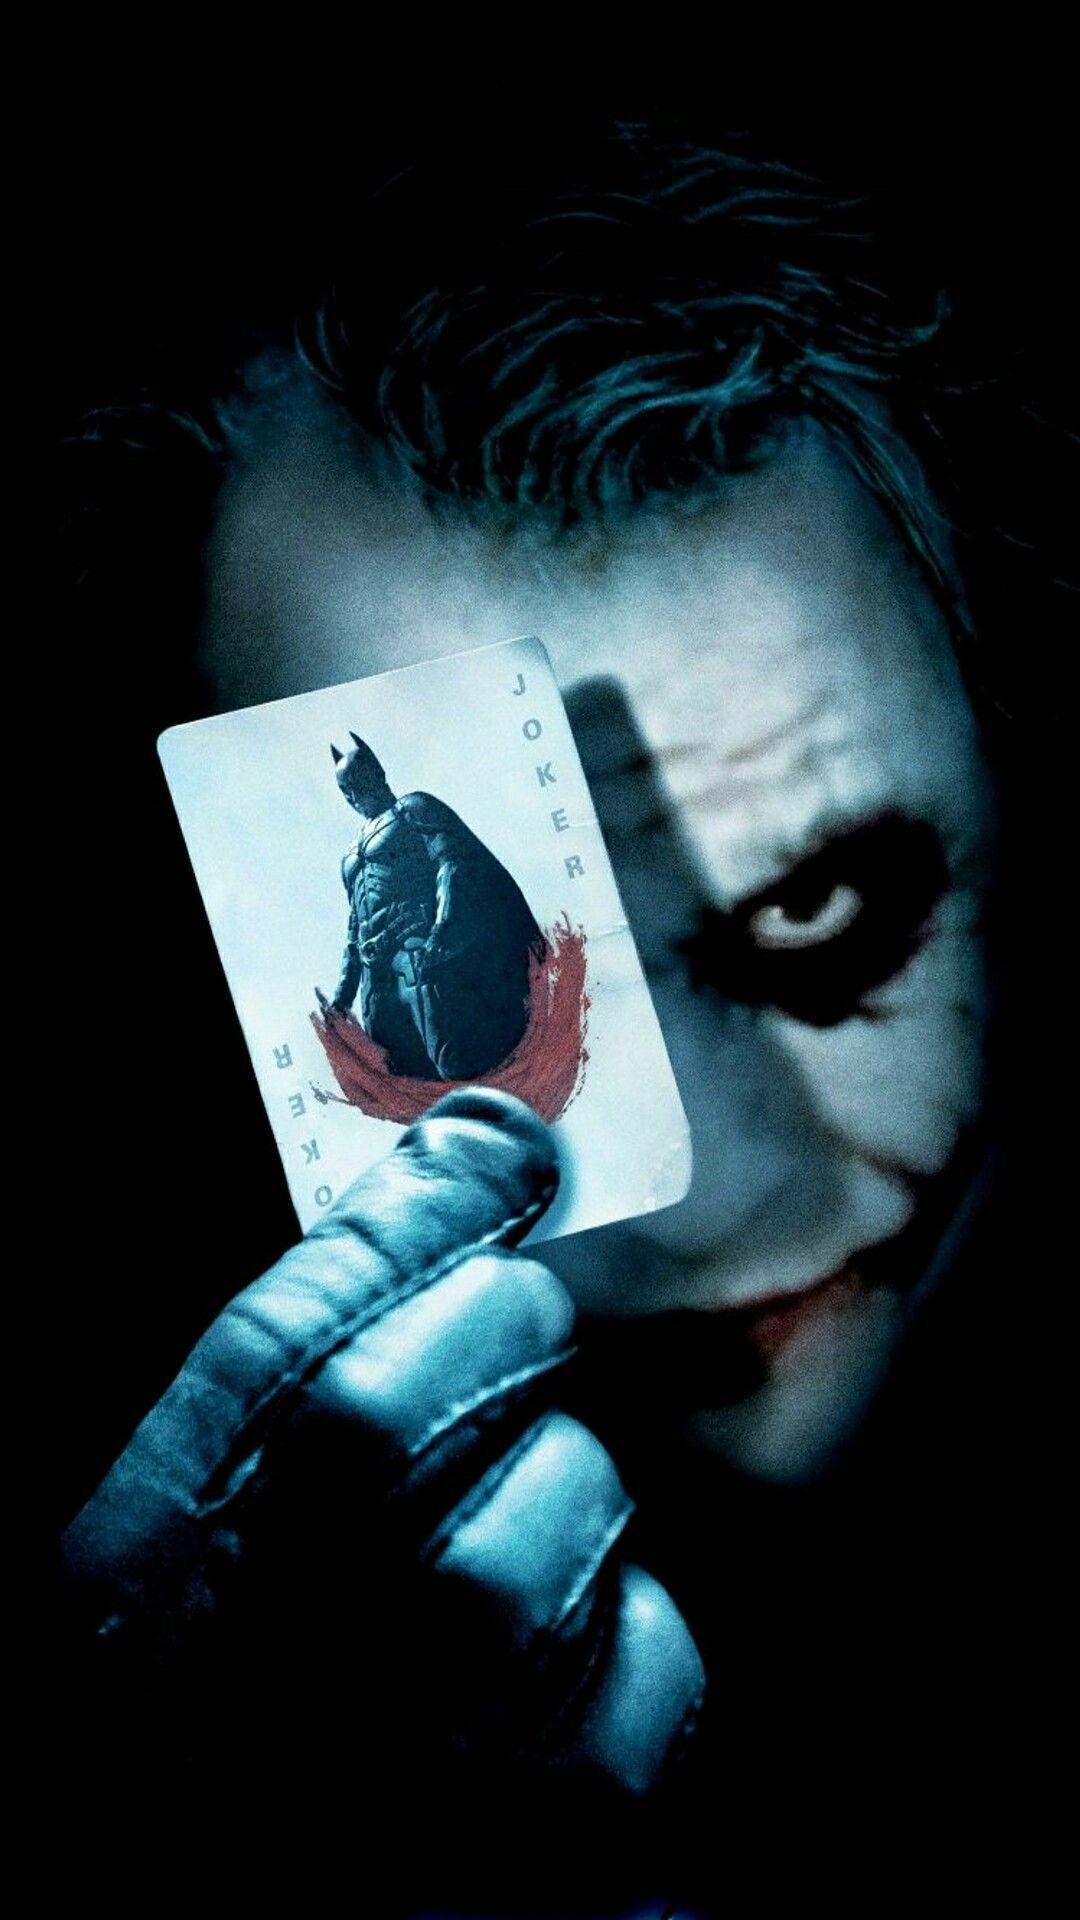 Pin By Yoann Alonso On Dc Joker Iphone Wallpaper Joker Wallpapers Joker Art